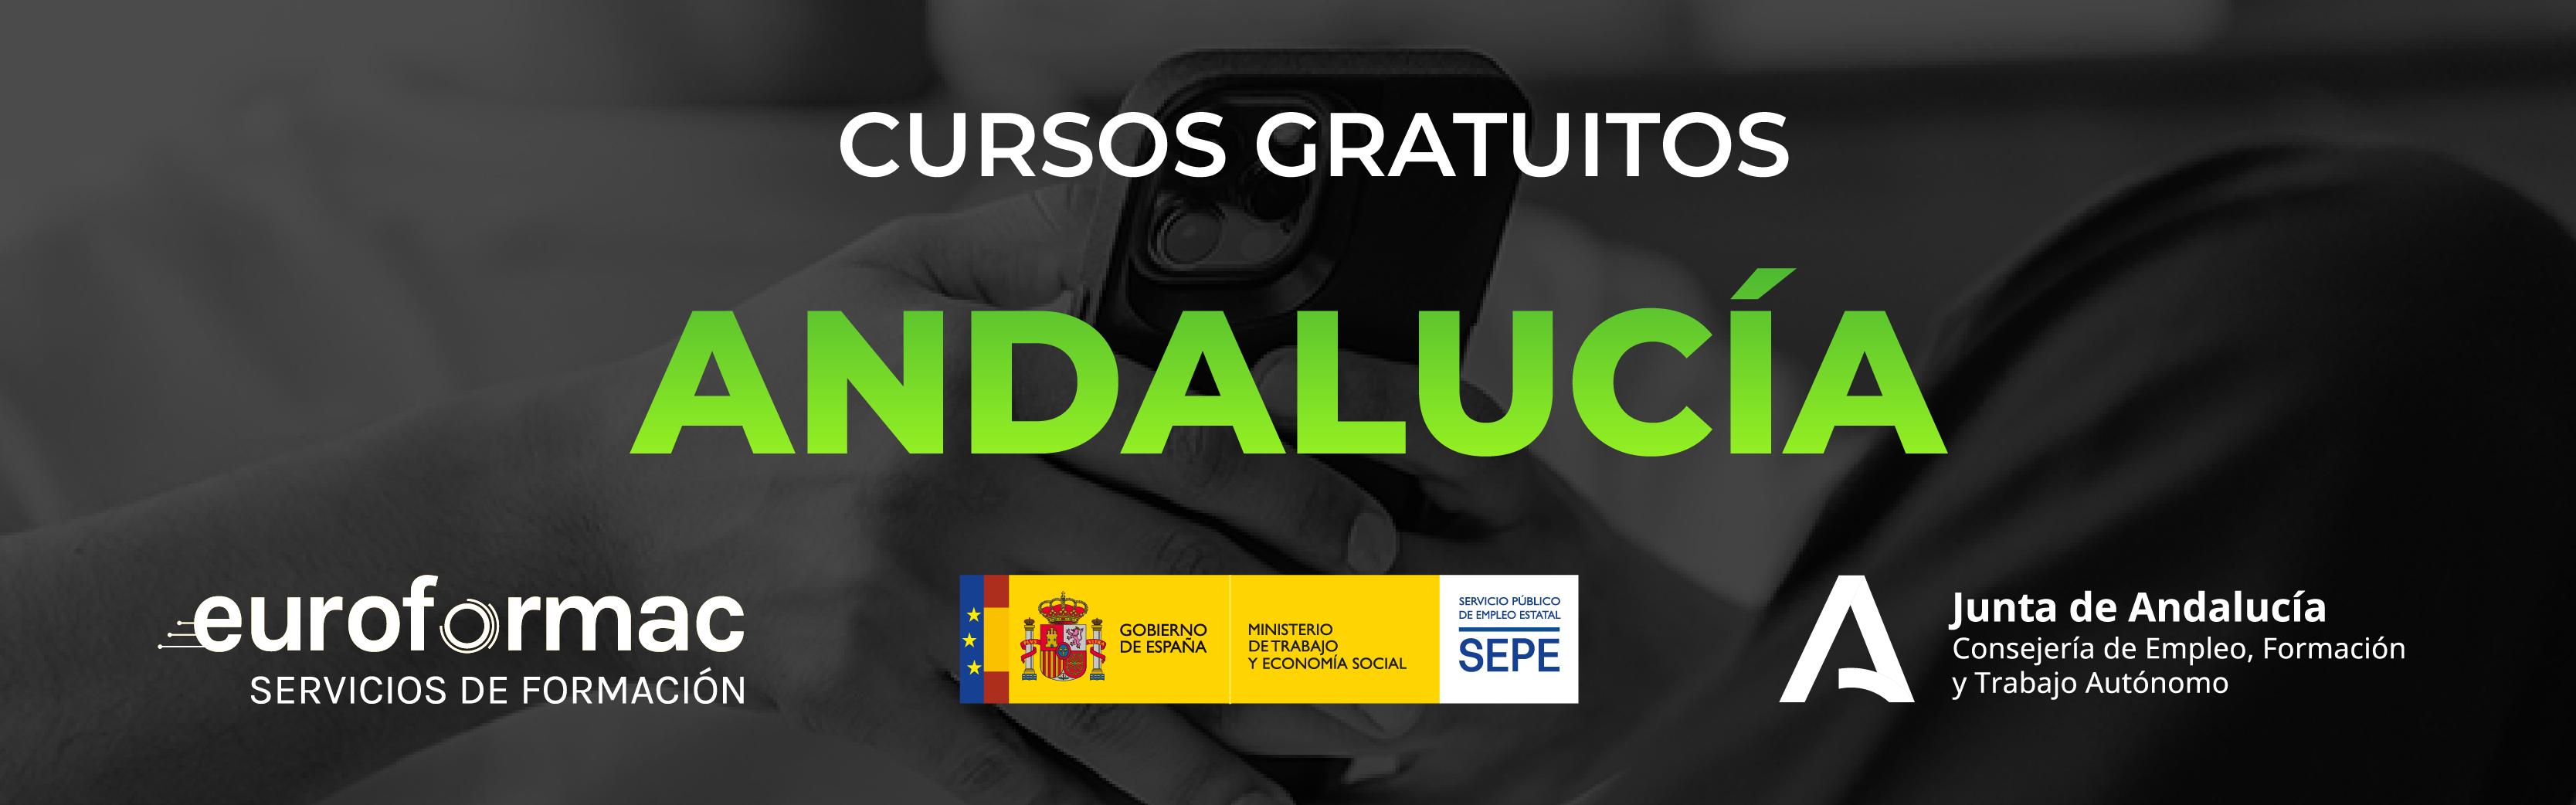 Cursos Gratuitos En Andalucia